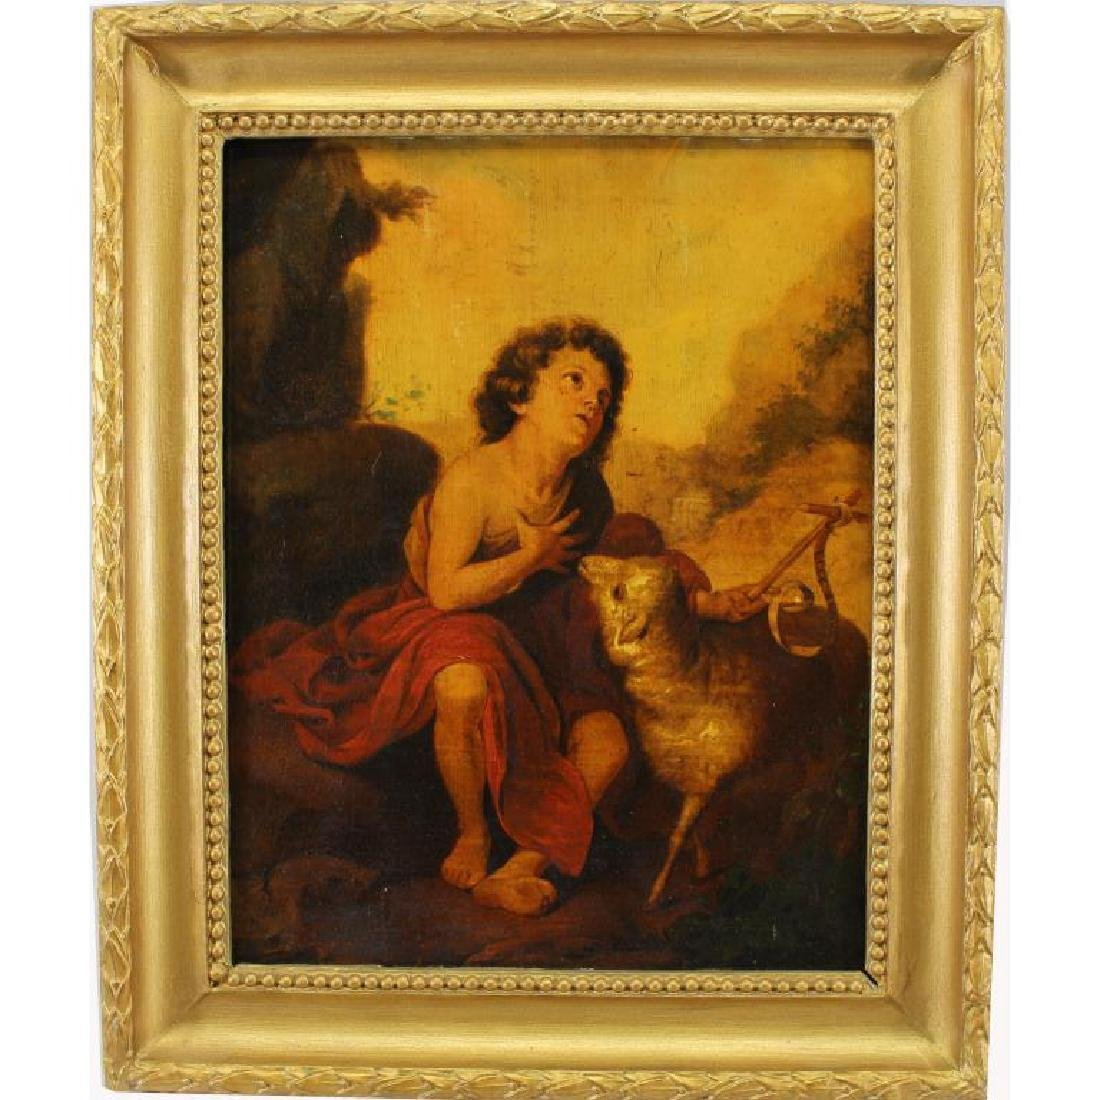 Attr. Bartolome Murillo (1617-1682) Ex Christie's